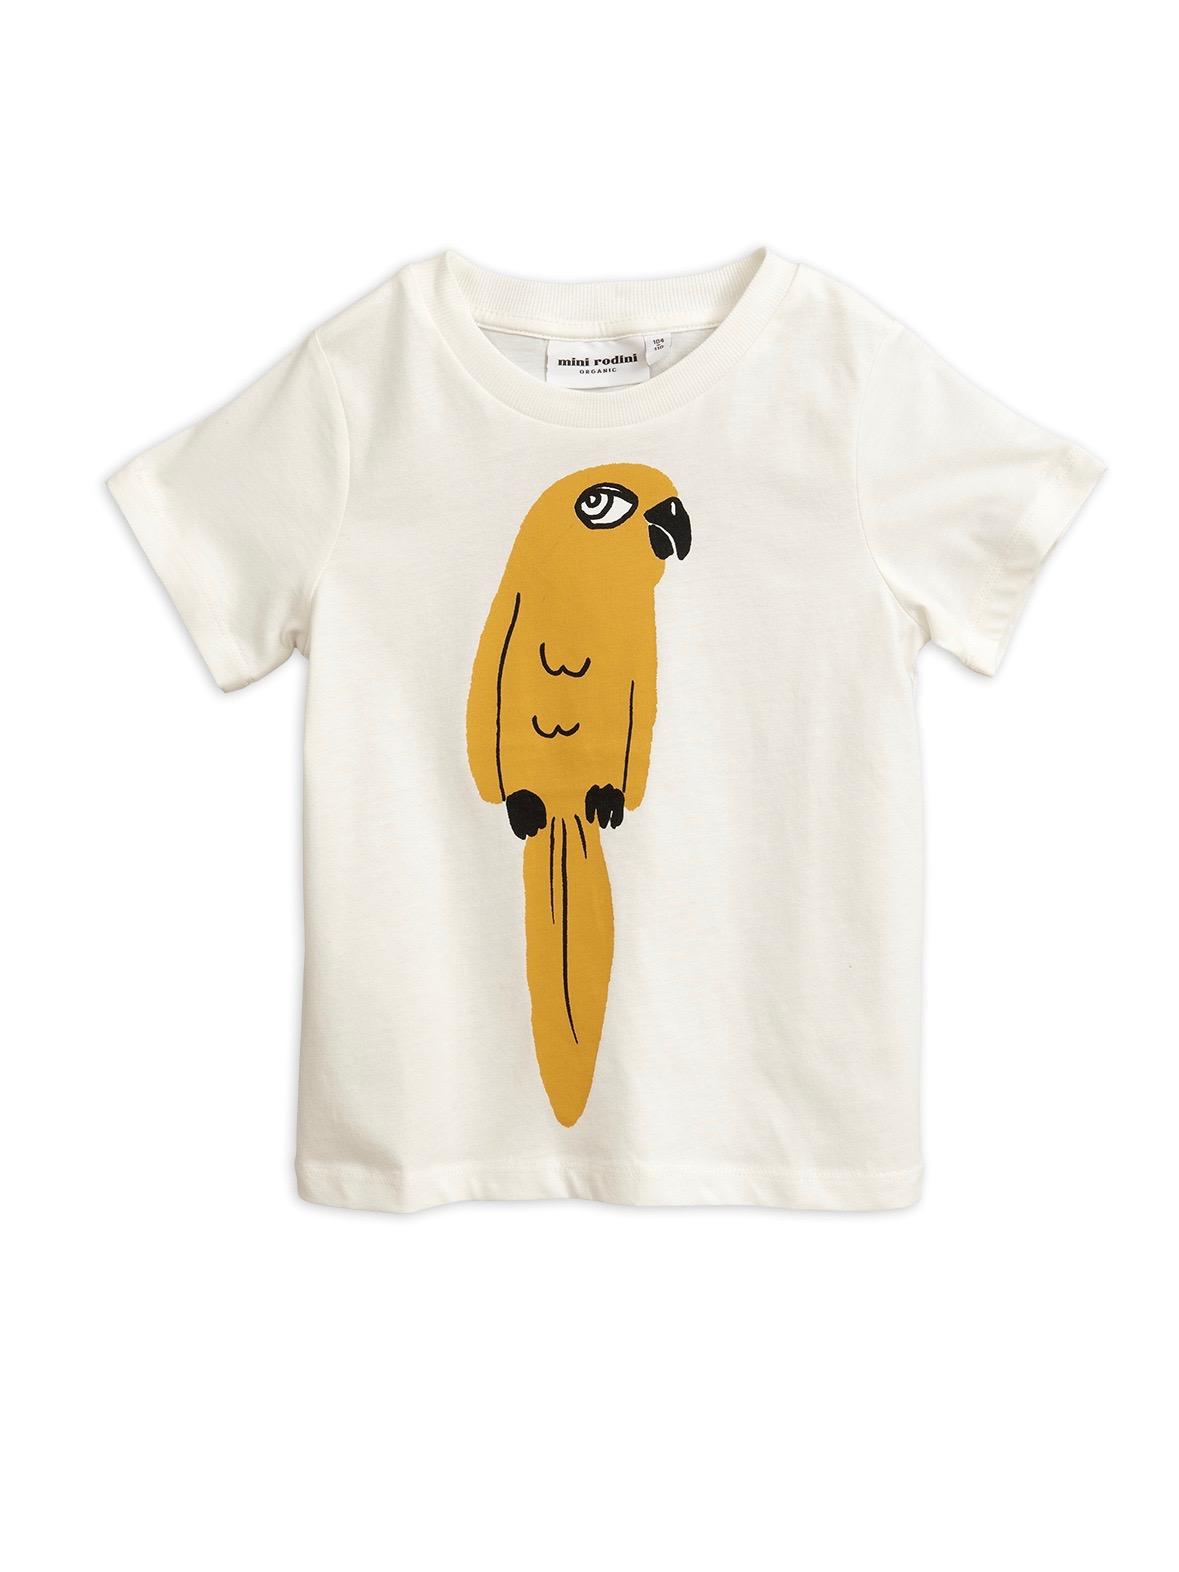 5d9624208 Home / New Arrivals / Kids / Parrot T-shirt